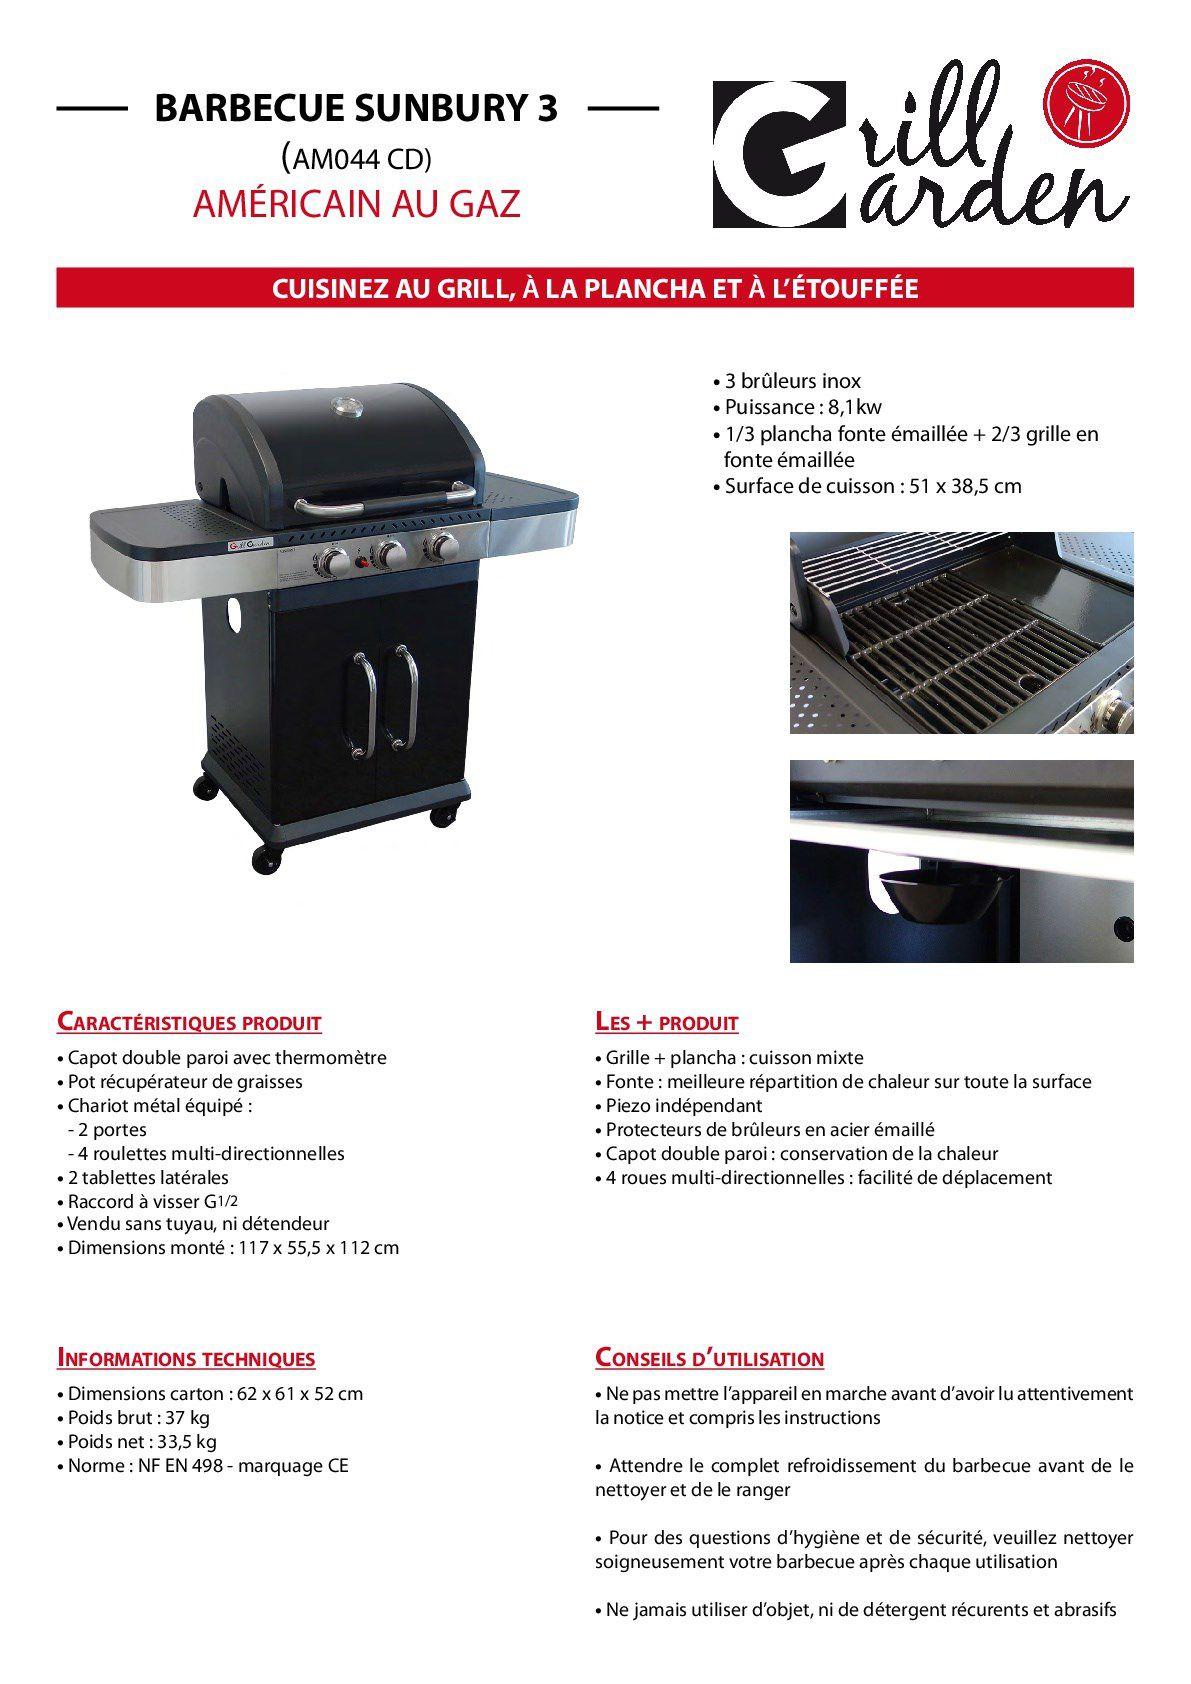 Barbecue Gaz Sans Plancha grill garden barbecue à gaz 3 brûleurs - fonte émaillée - 51